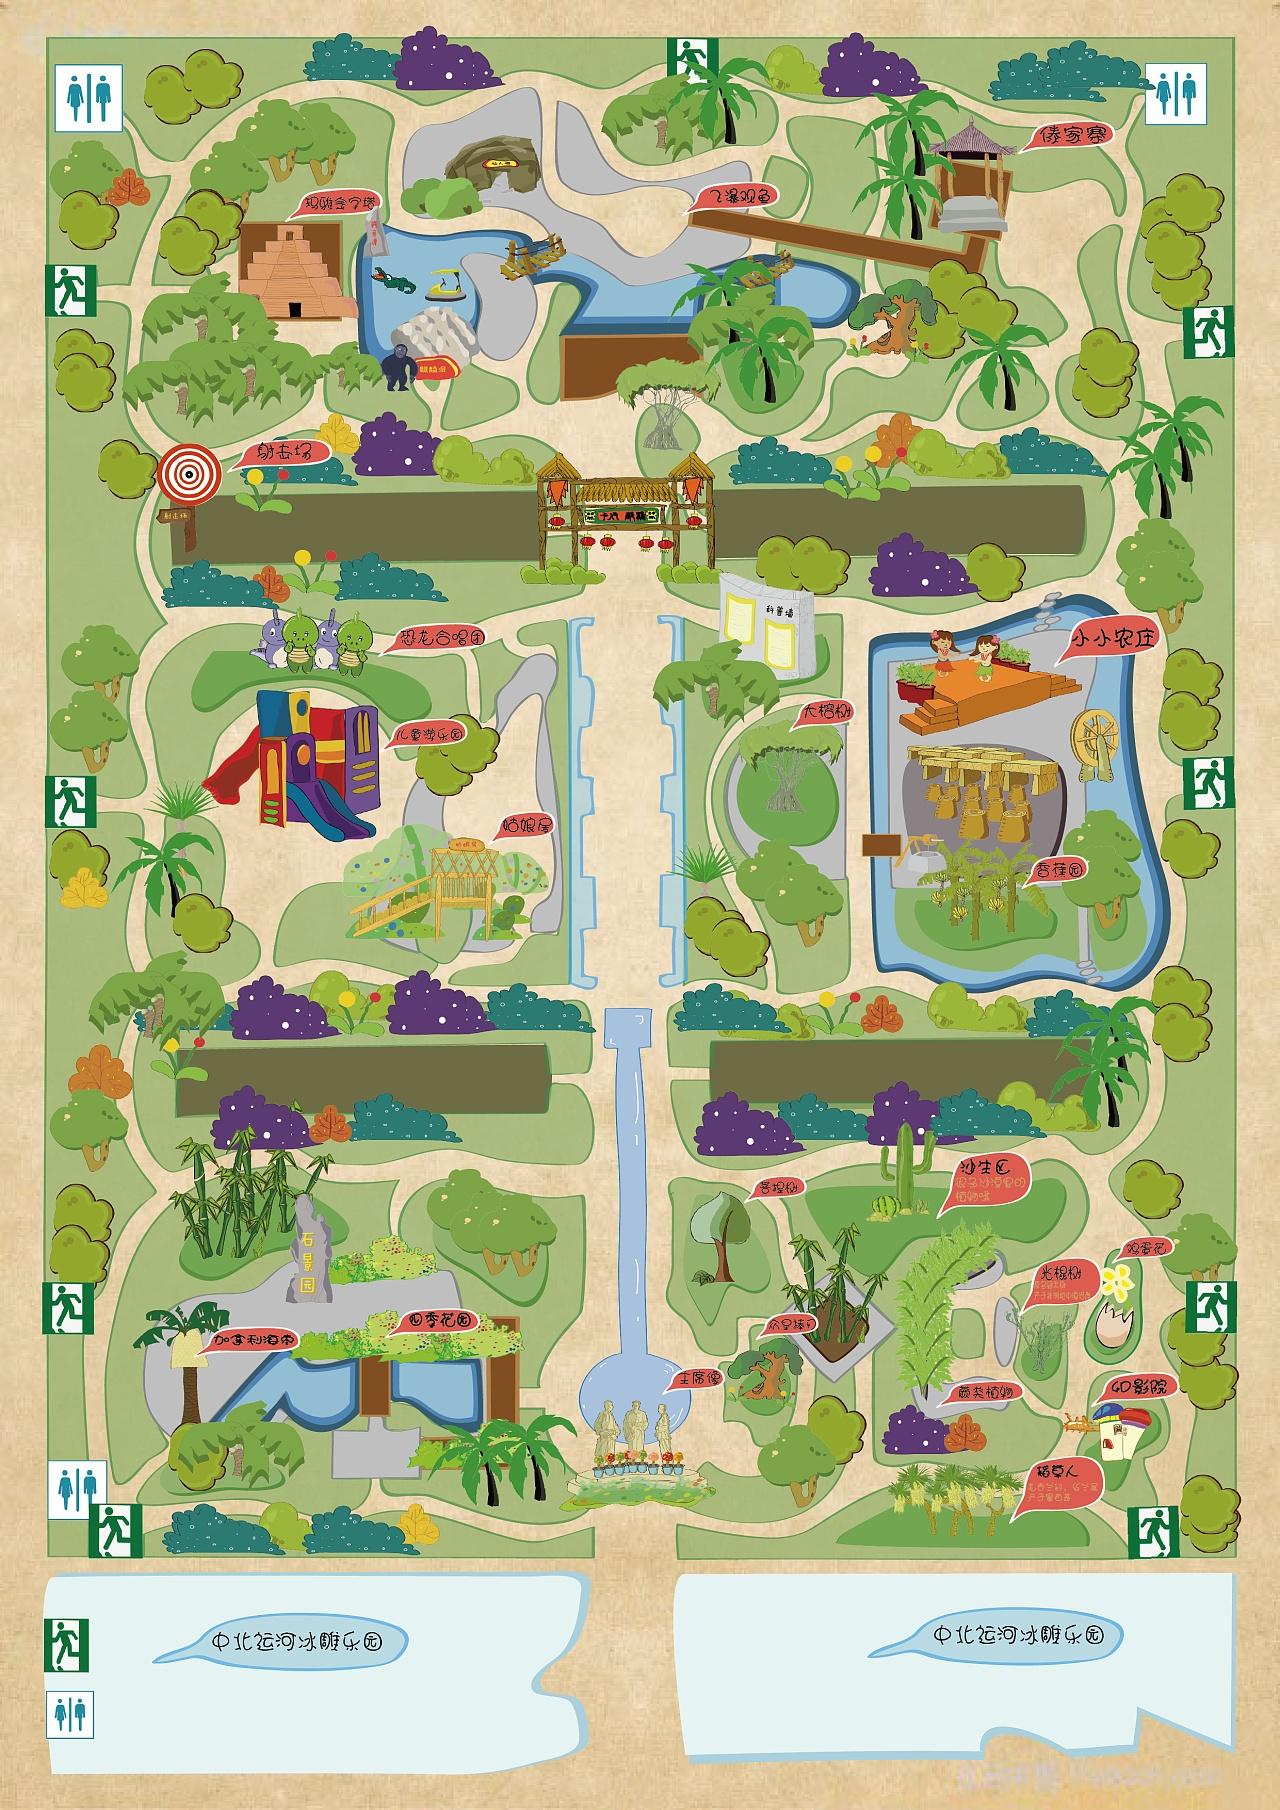 手绘地图——植物园